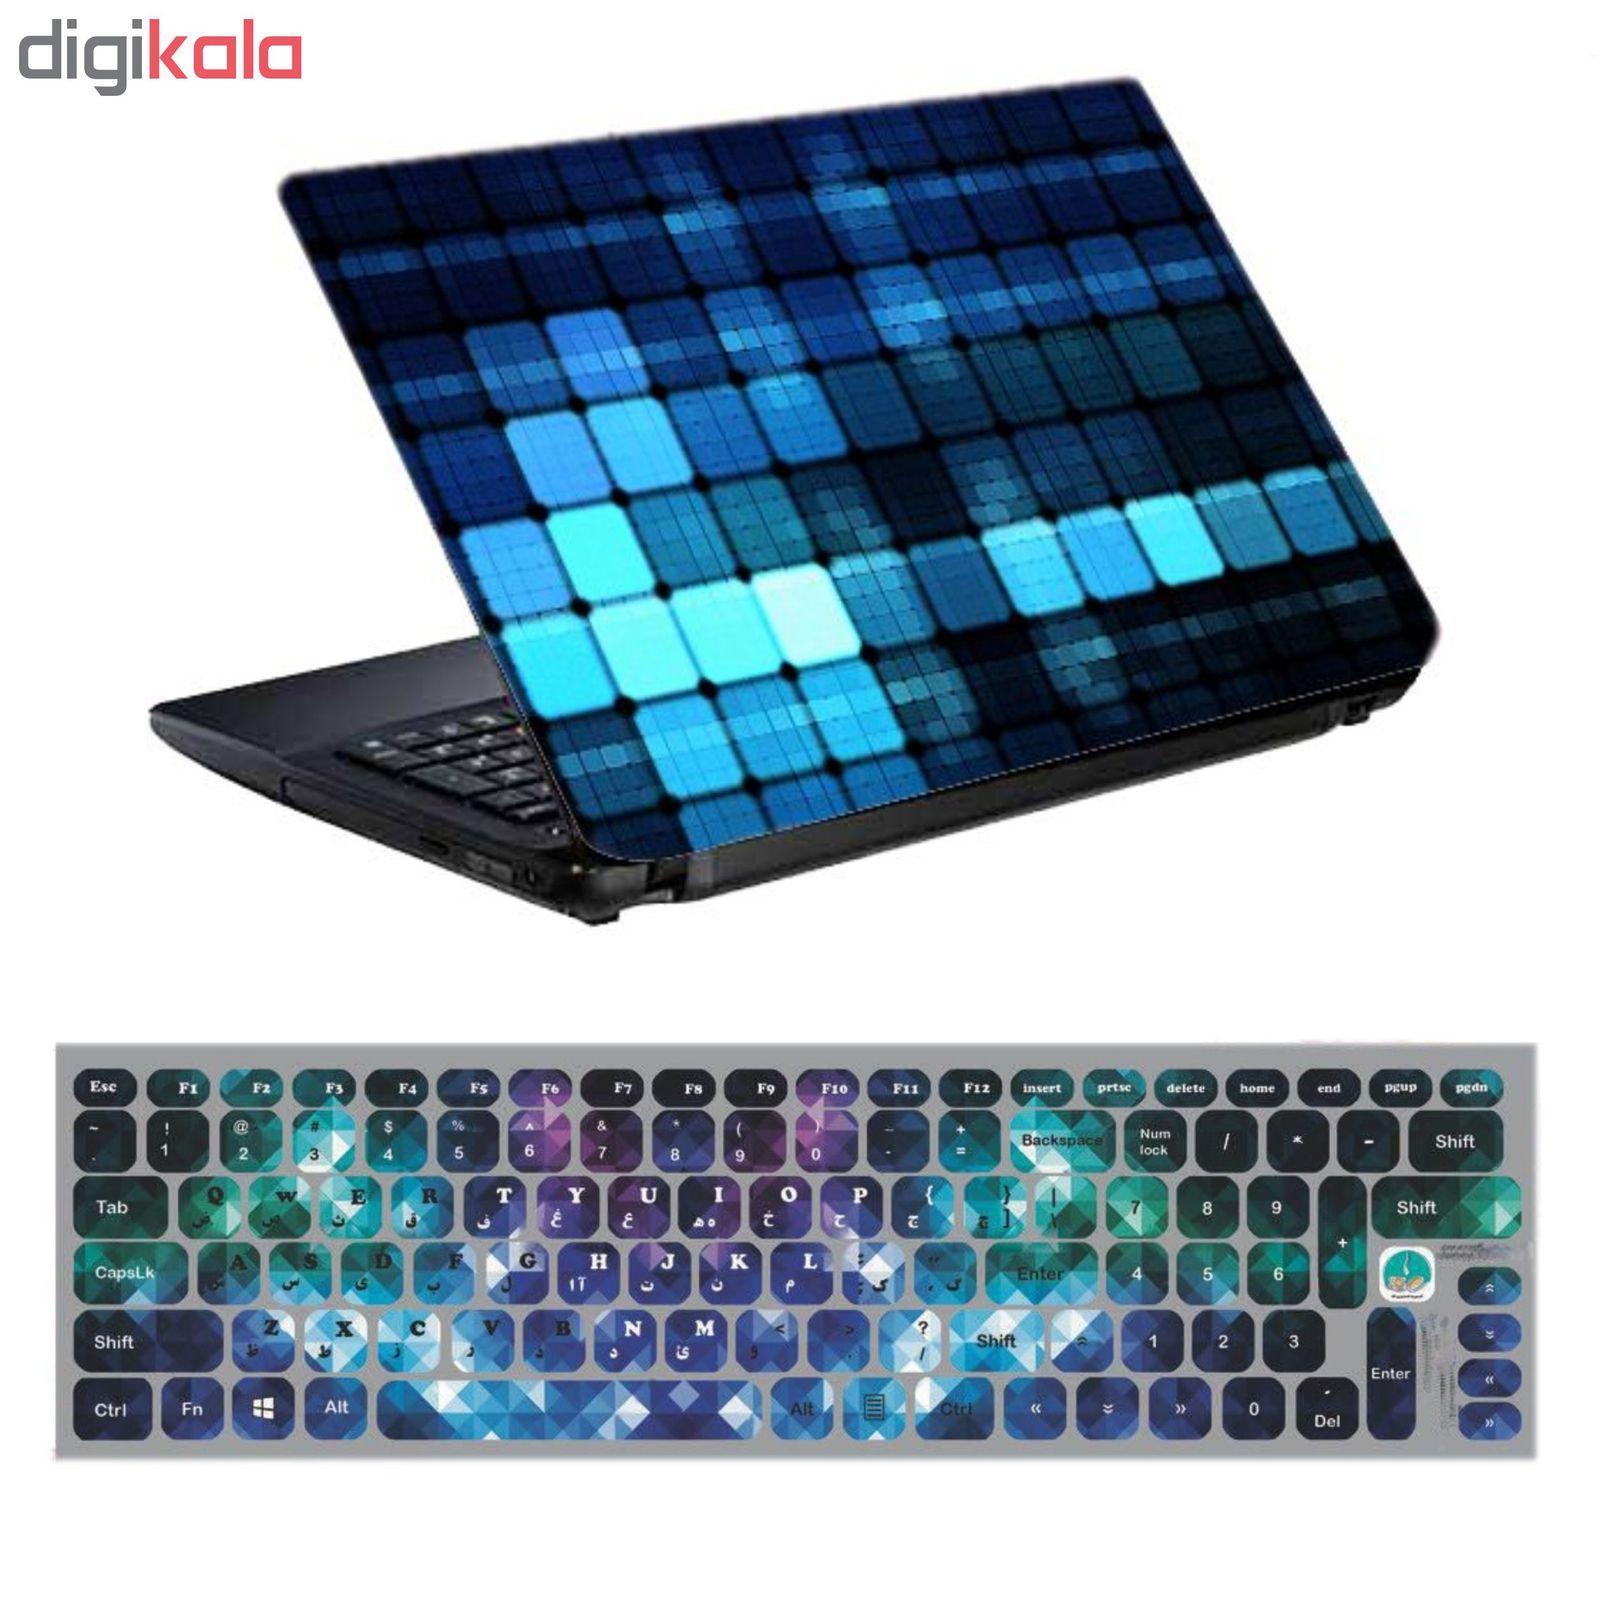 استیکر لپ تاپ طرح الماس کد 0909-98 مناسب برای لپ تاپ 15.6 اینچ به همراه برچسب حروف فارسی کیبورد main 1 1